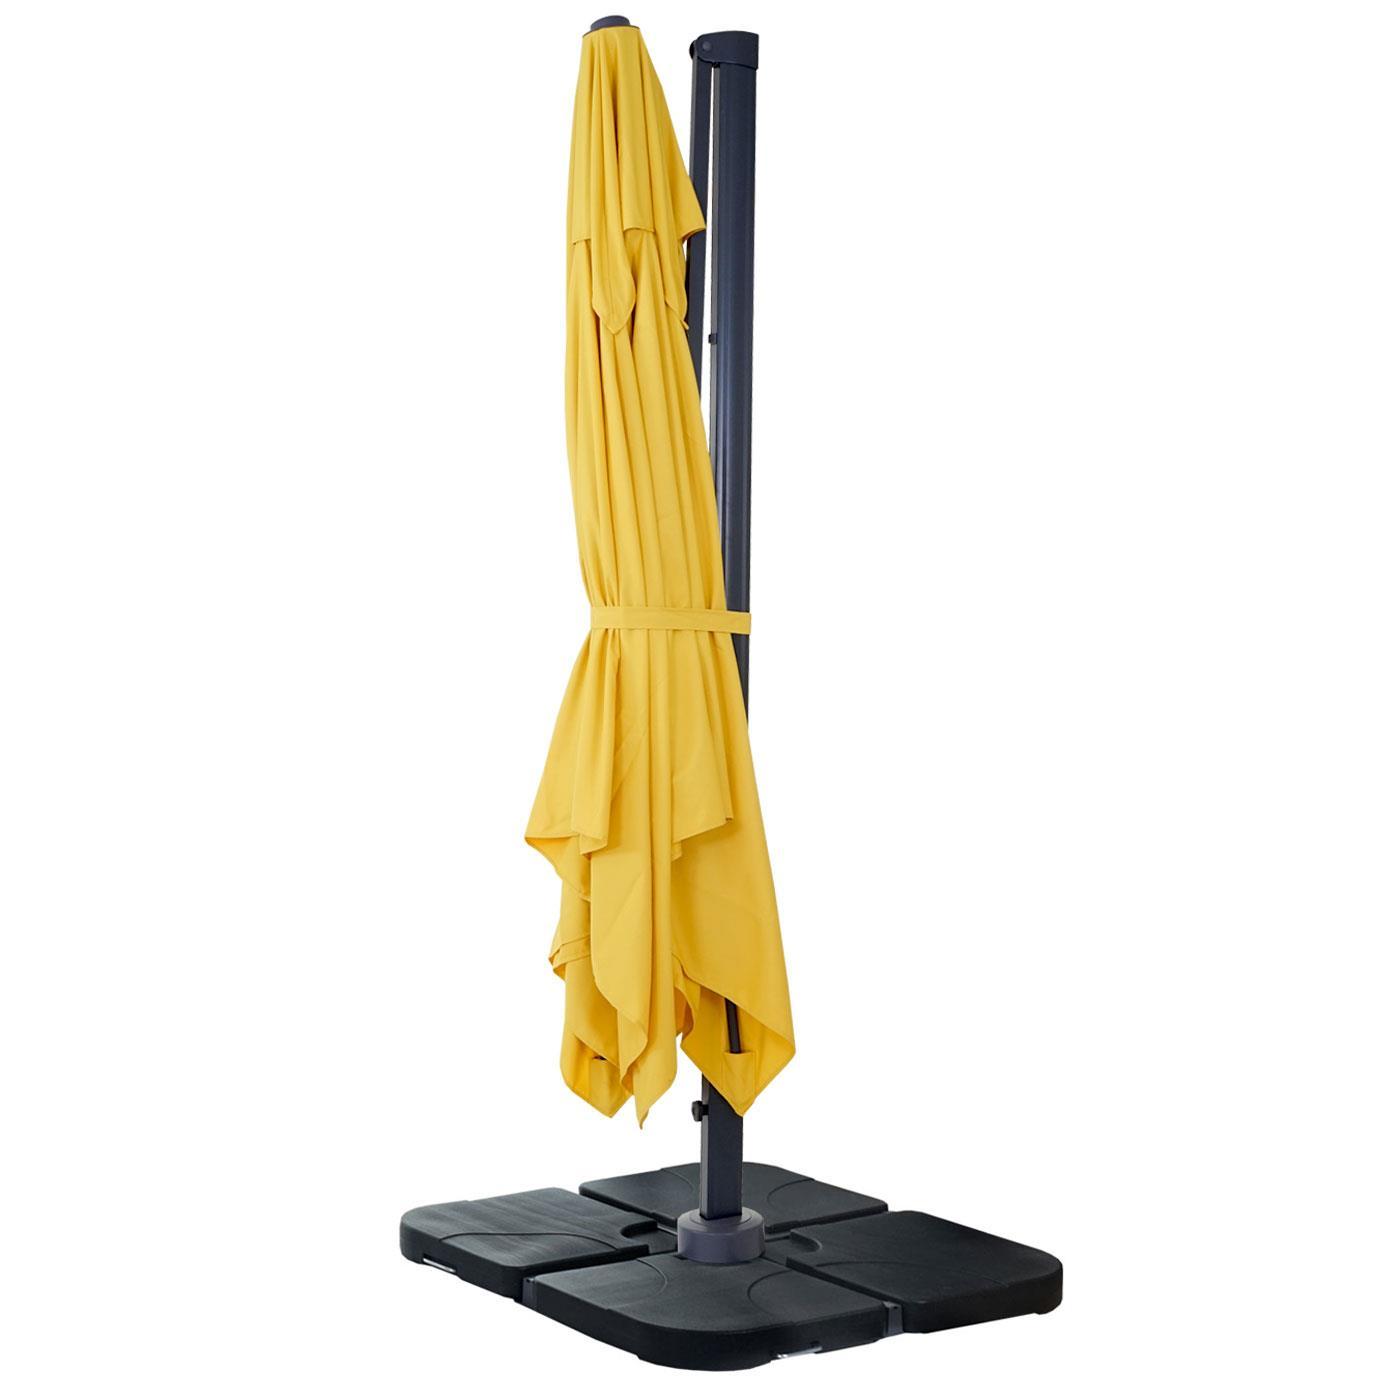 YChoice365 Direcci/ón de Coche Universal de Silicona Cubierta de la Rueda Hay Necesidad de Puntada para la mayor/ía de los Coches 36-40cm